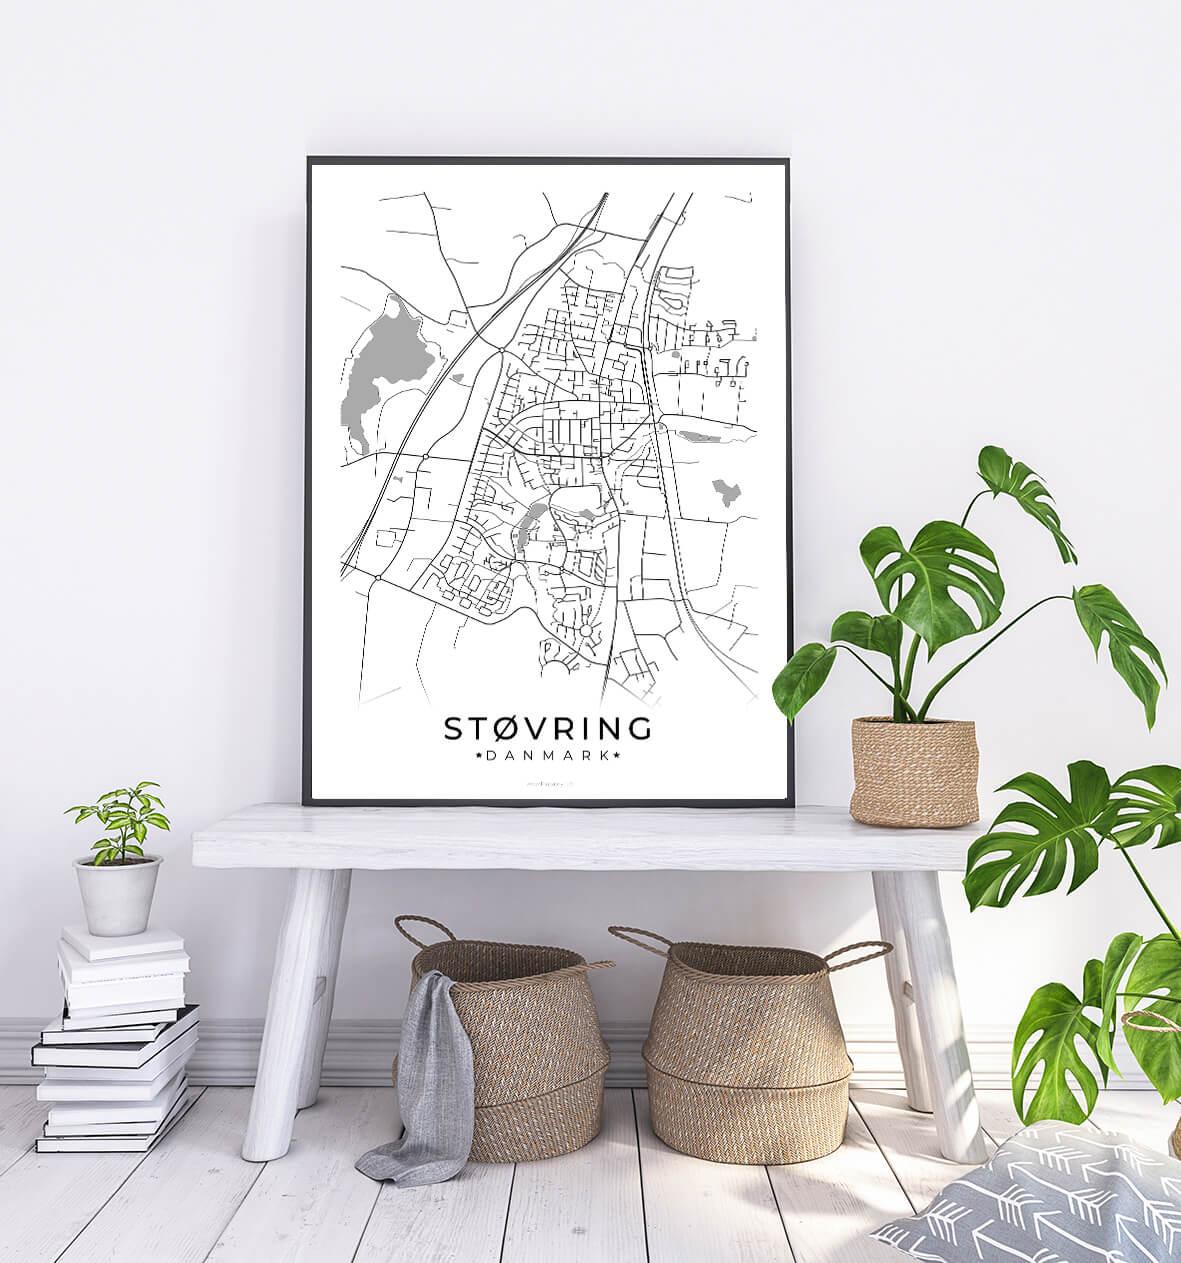 Stoevring-hvid-byplakat-1